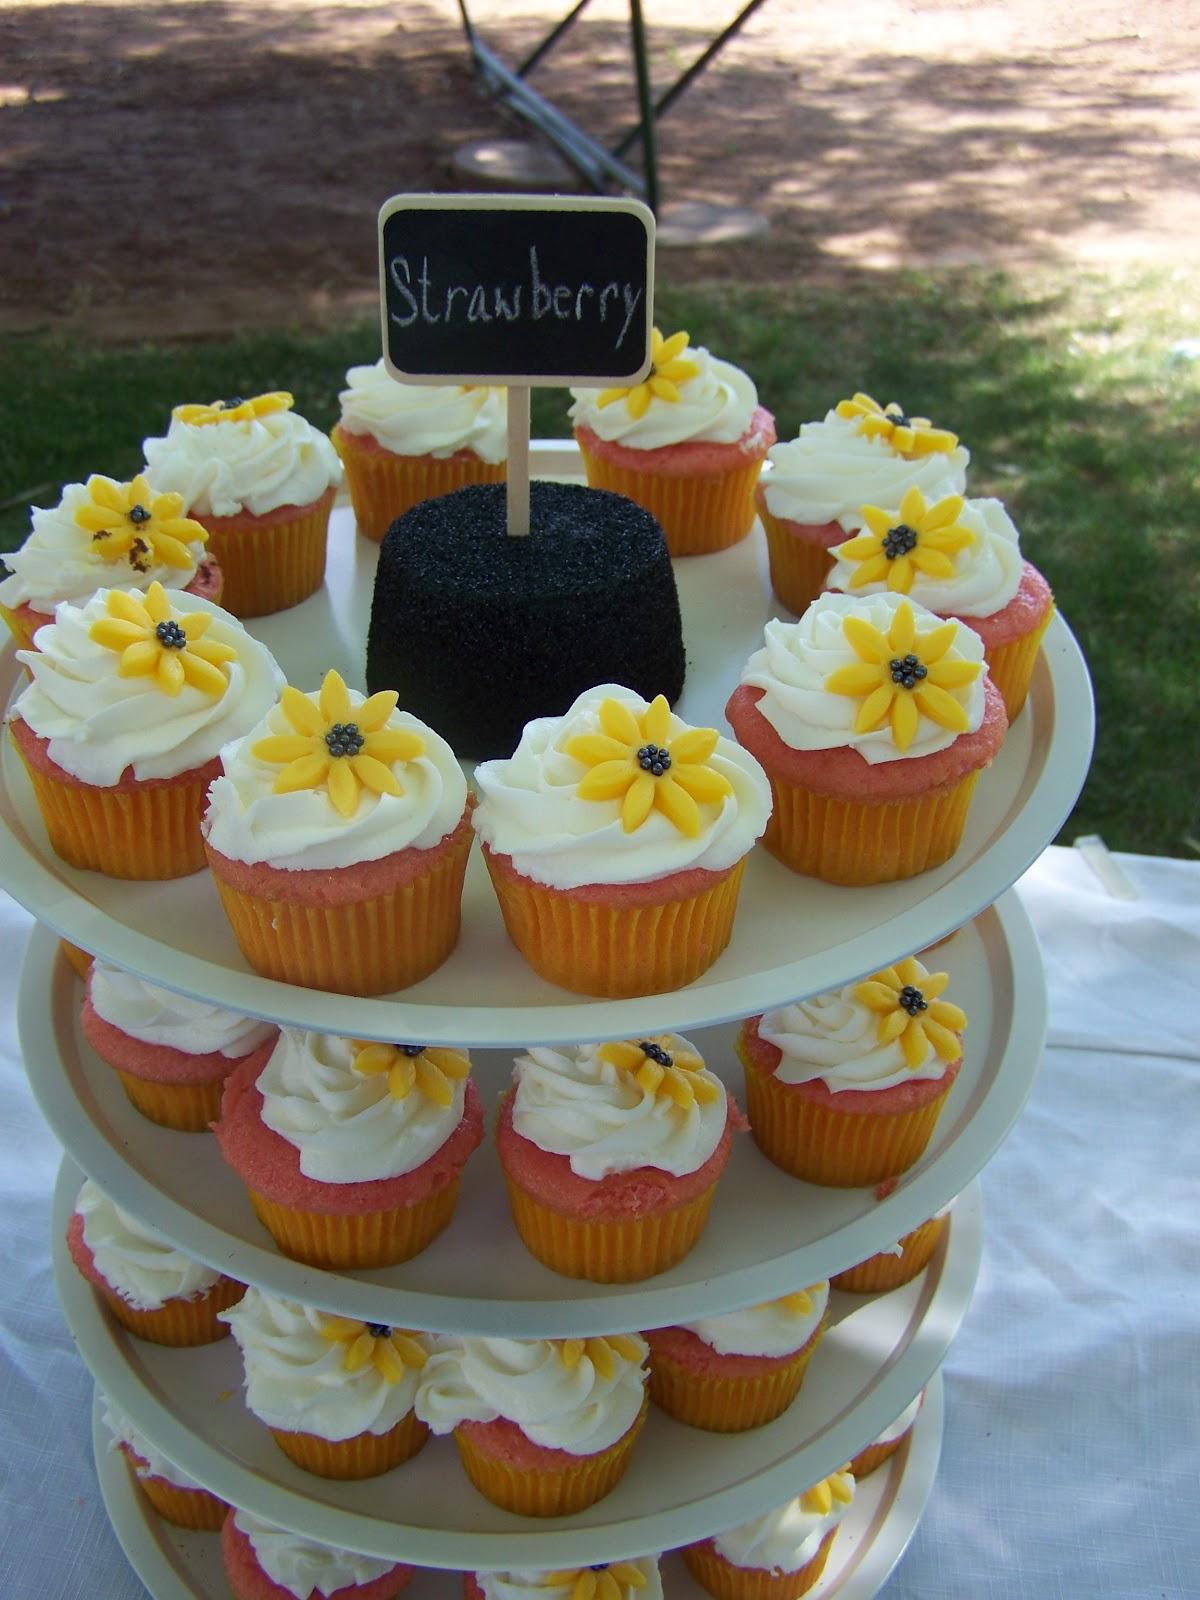 Cake A Licious Sunflower & Burlap Wedding Cake